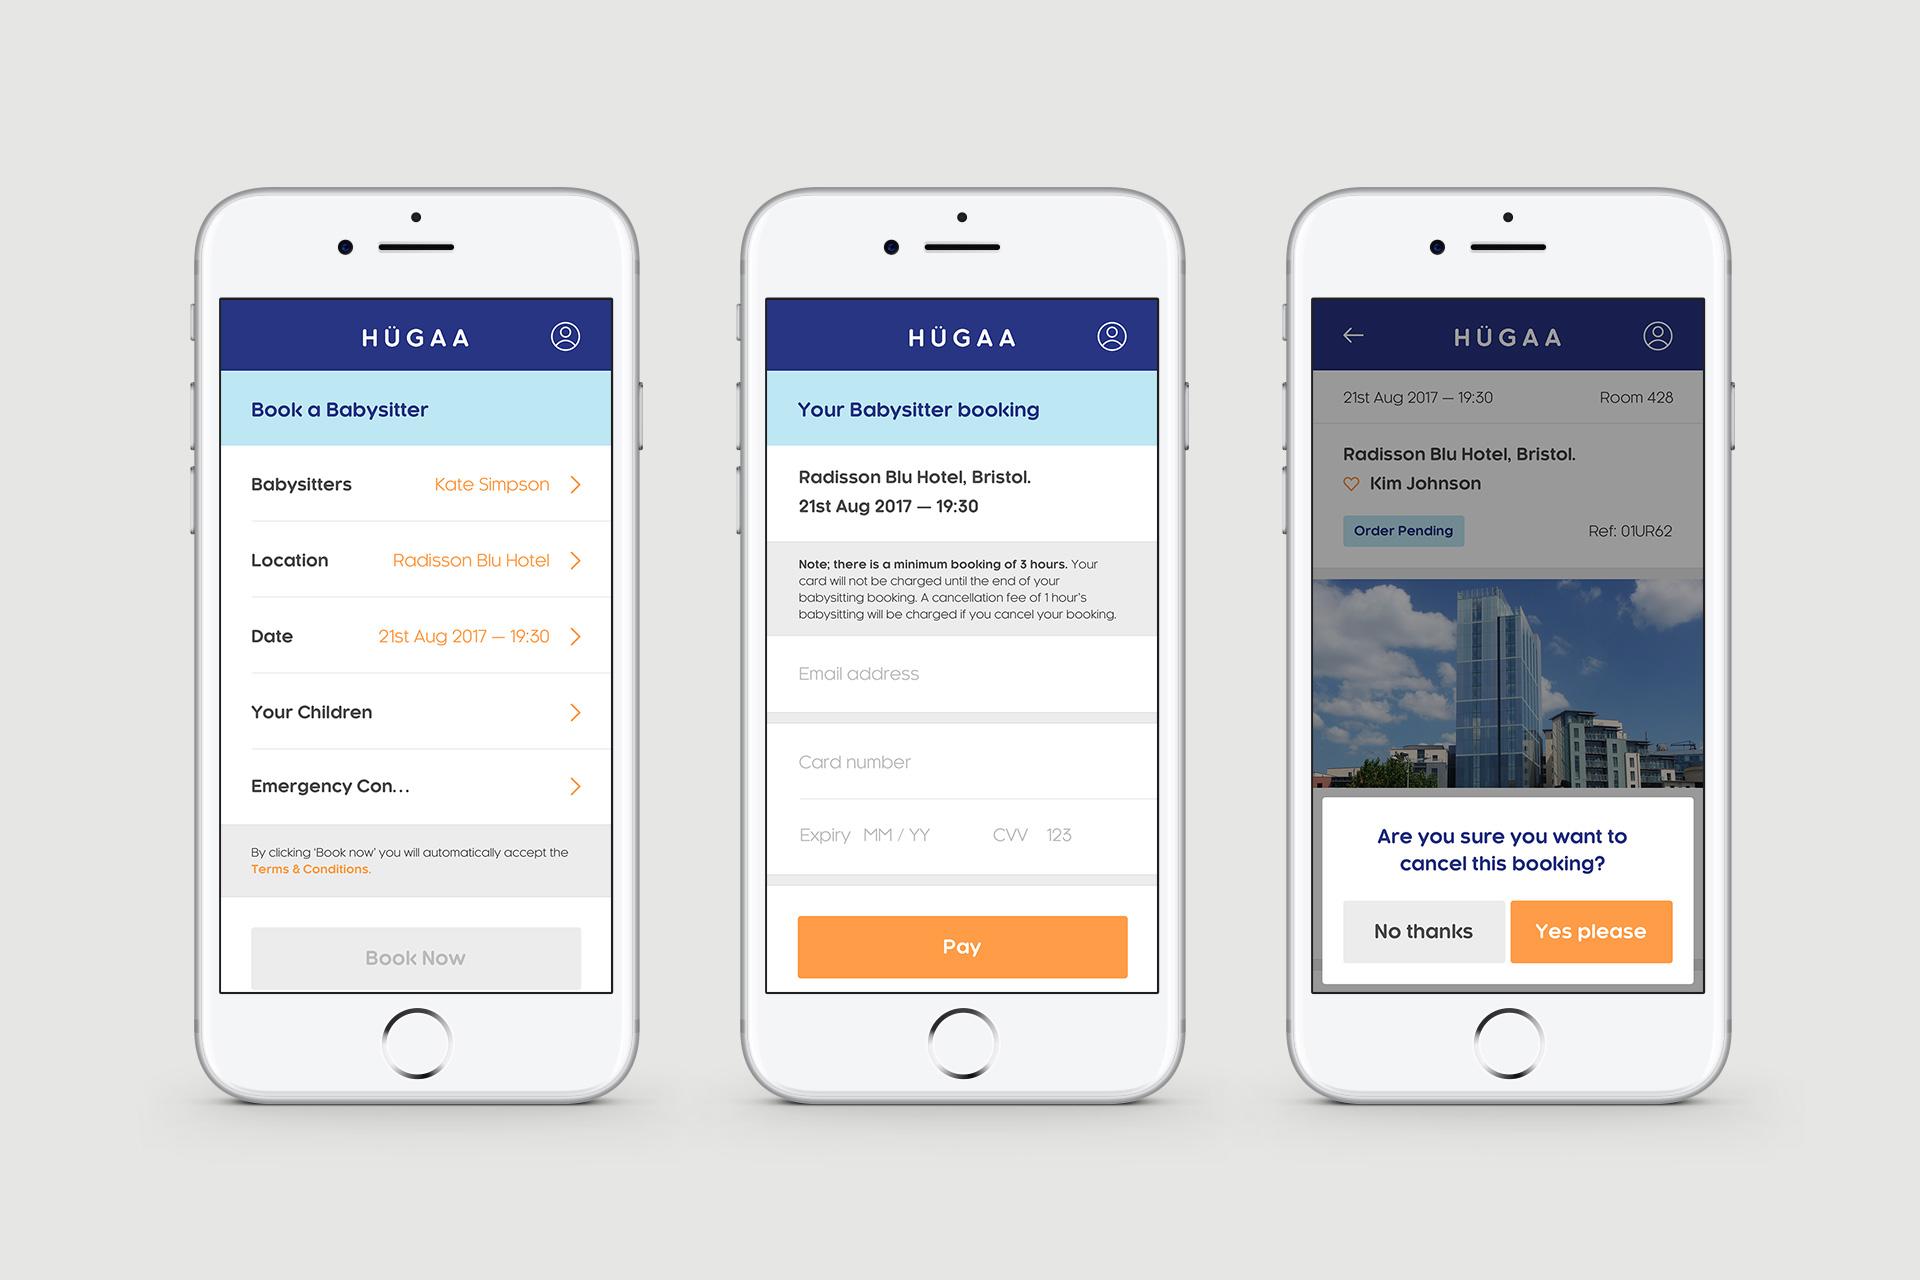 UI (User Interface) Design For Hubaa App